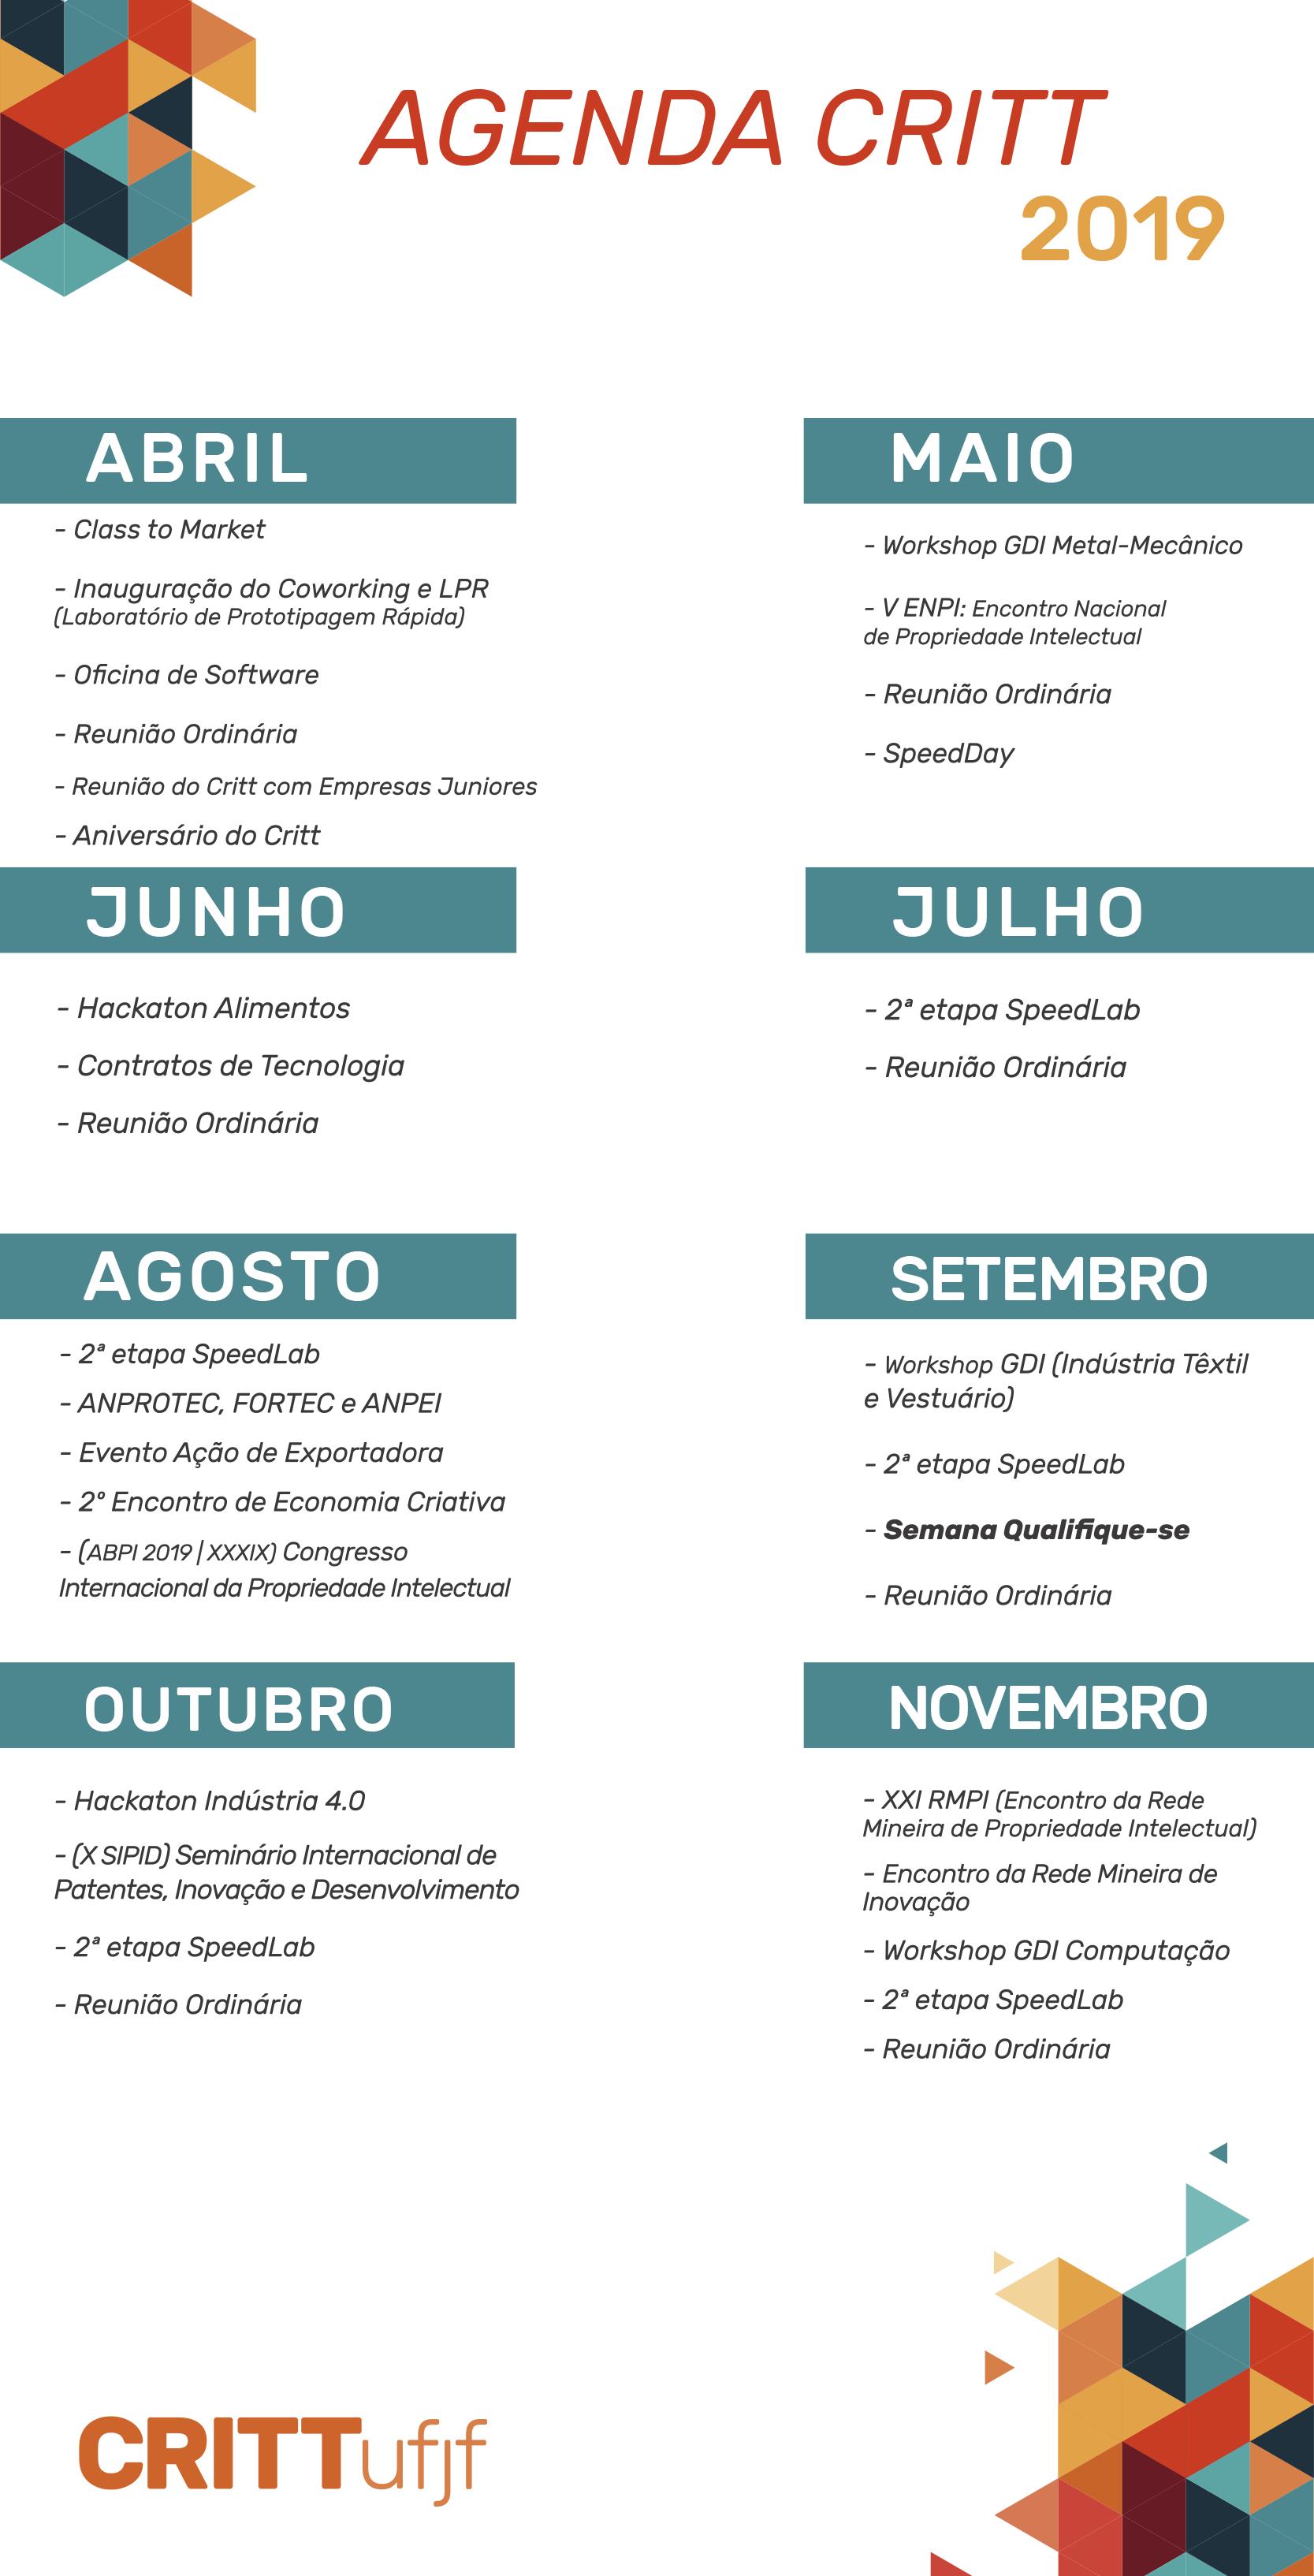 [Atualizado] Calendário de Eventos